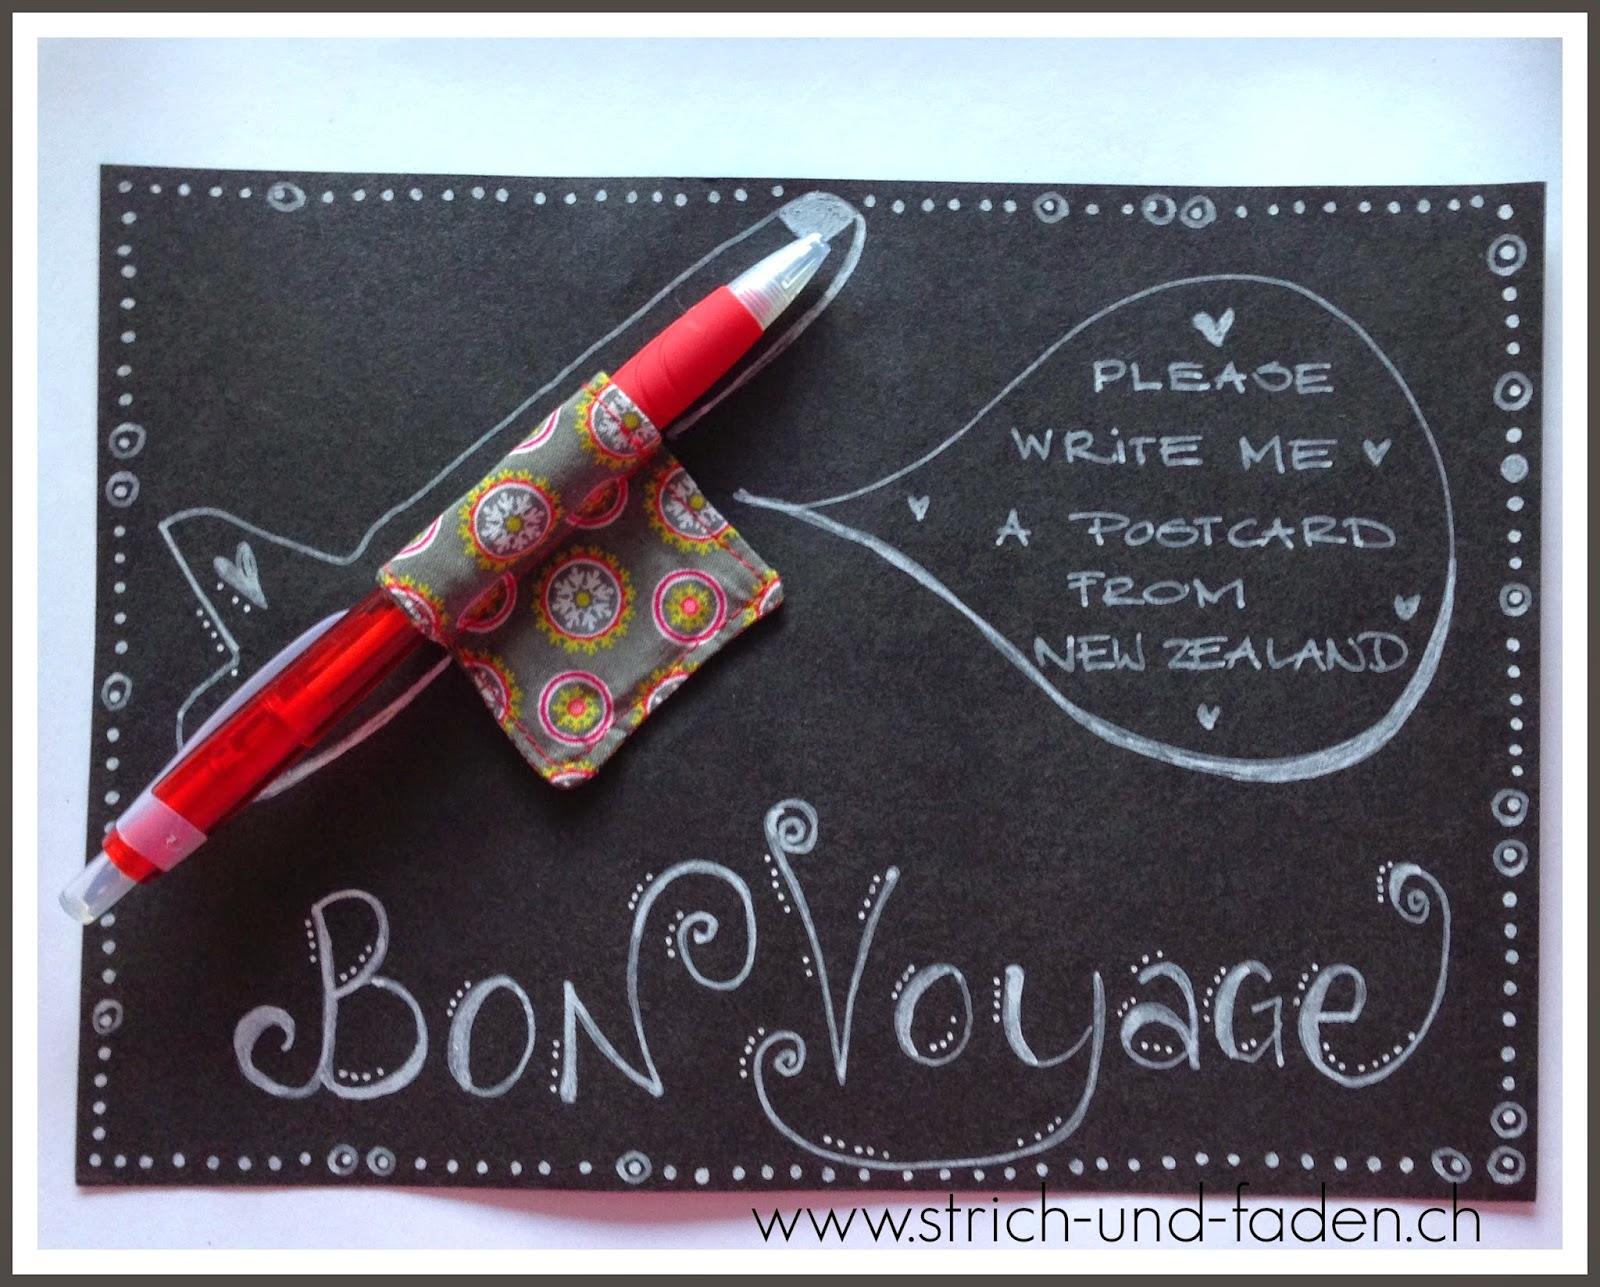 mit Strich und Faden | Magnet für die Reise - Bon Voyage